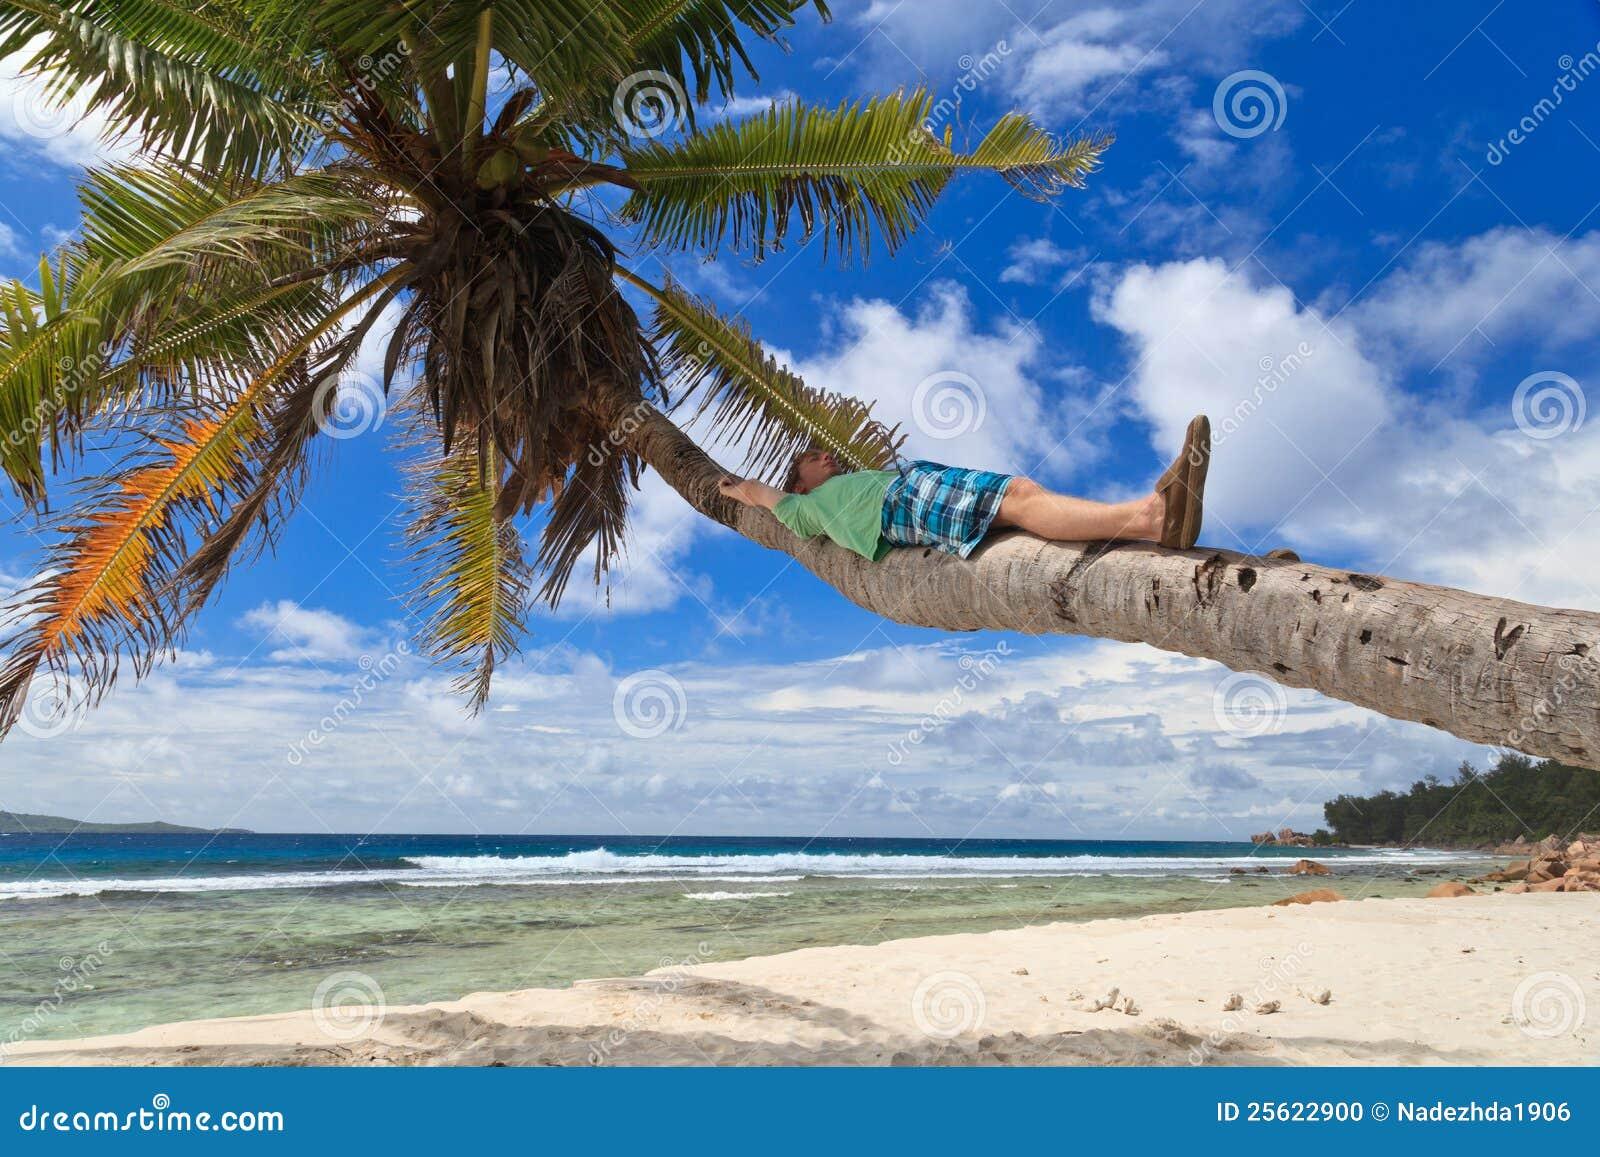 Uomo sulla palma in spiaggia tropicale fotografia stock for Disegni di casa sulla spiaggia tropicale